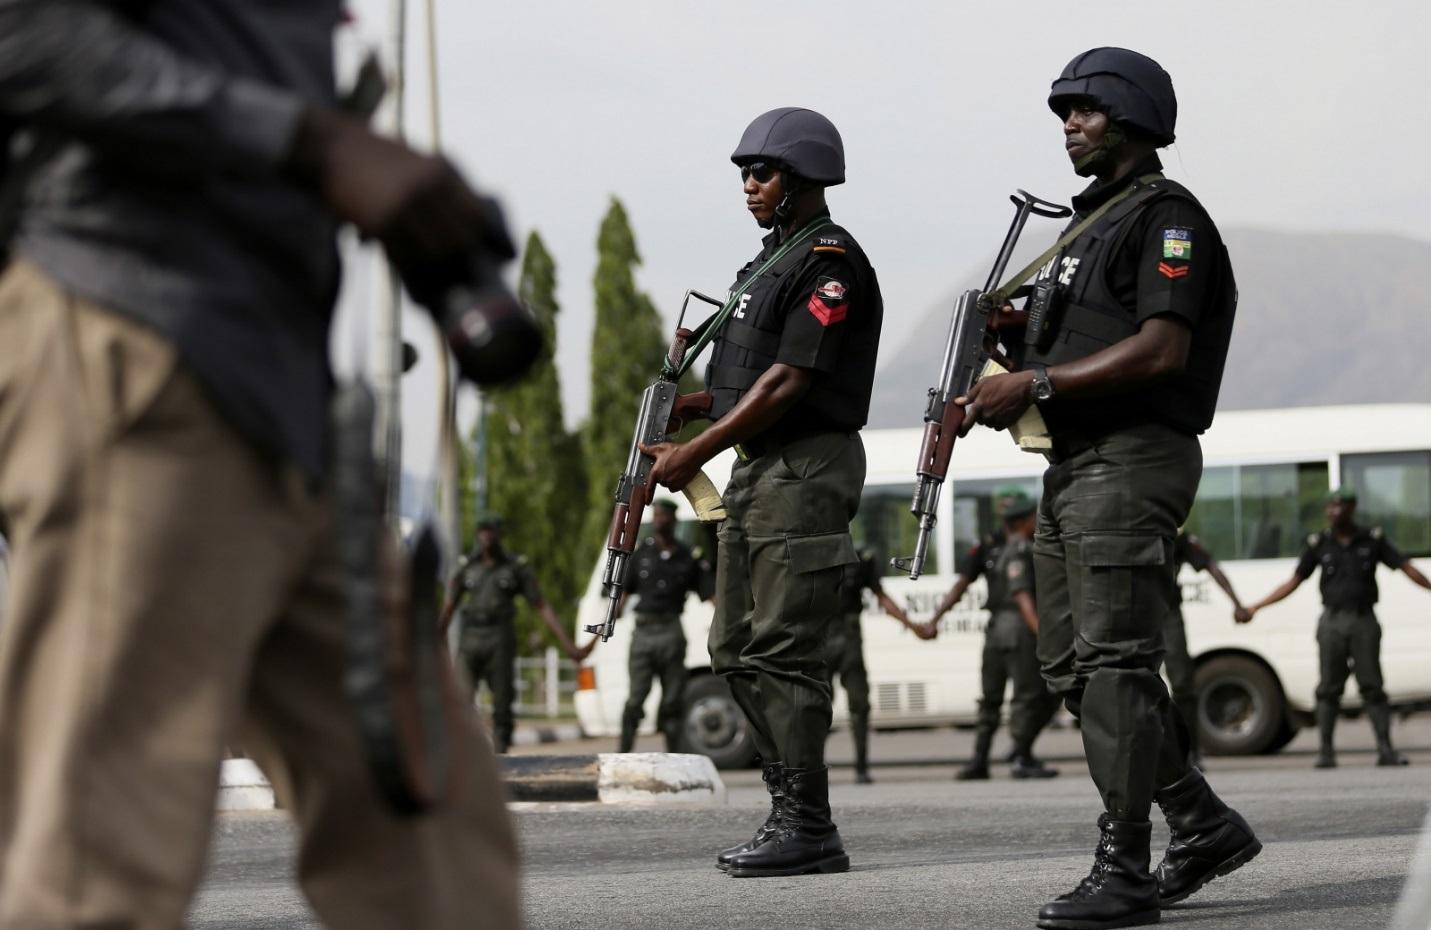 Gunmen kidnap schoolchildren